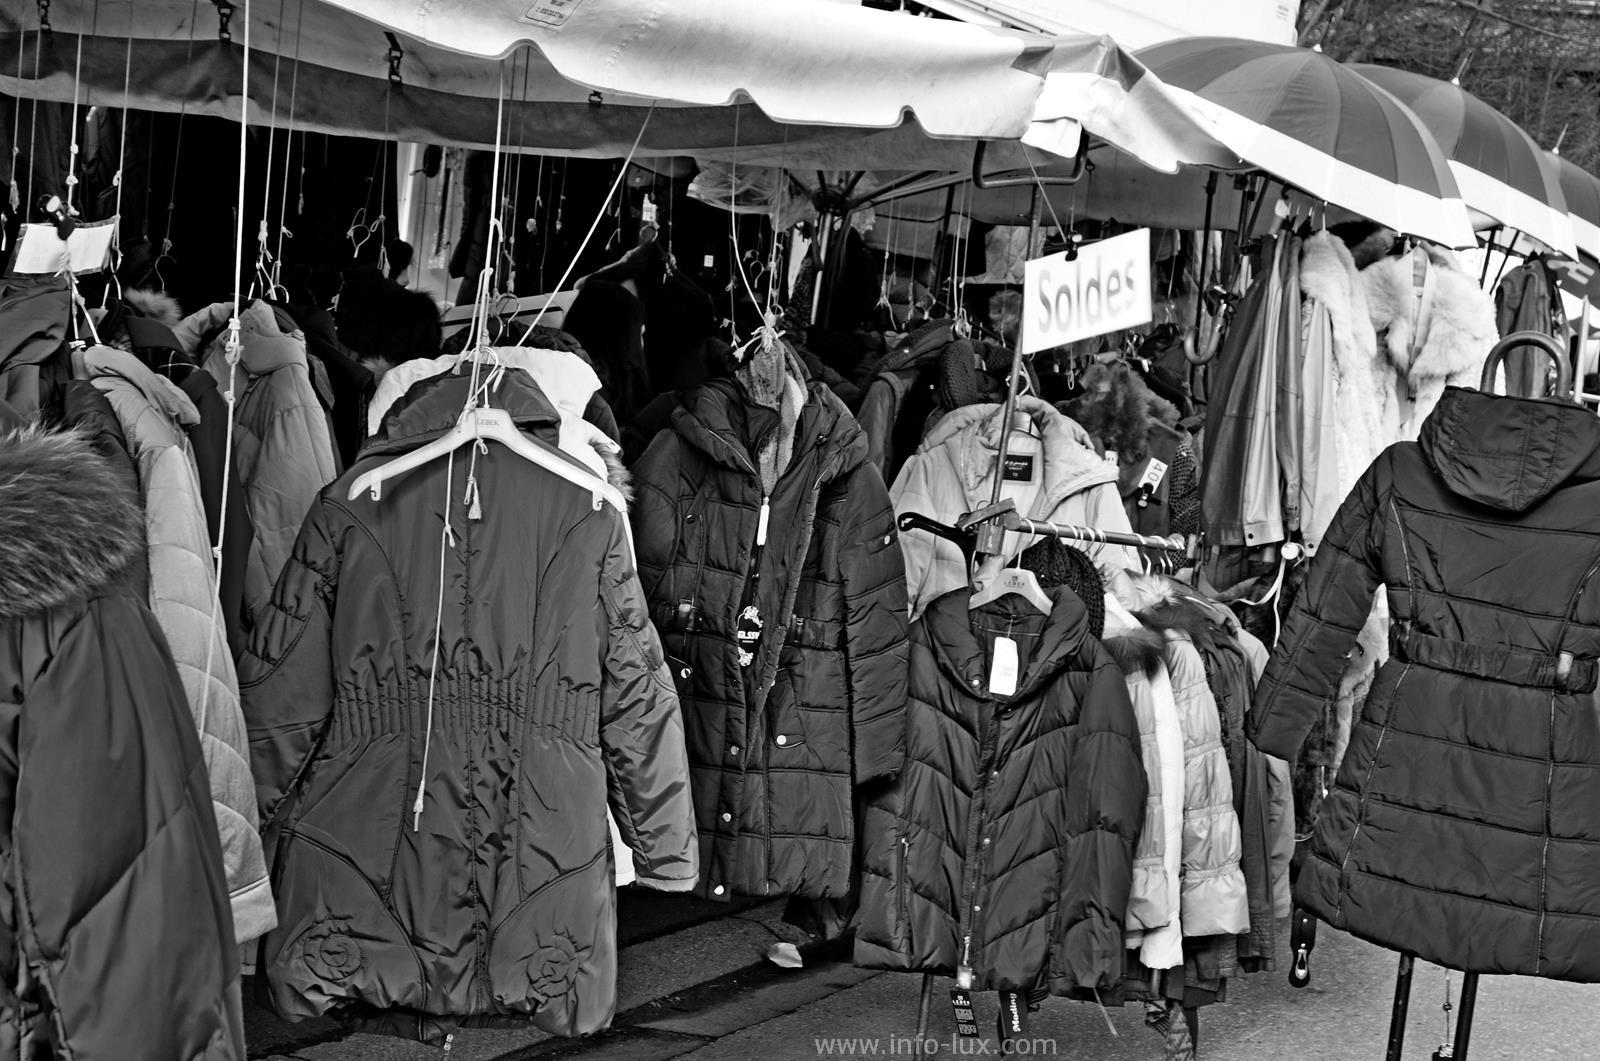 images/stories/PHOTOSREP/Bastogne/Marche/BASTOGNE_224